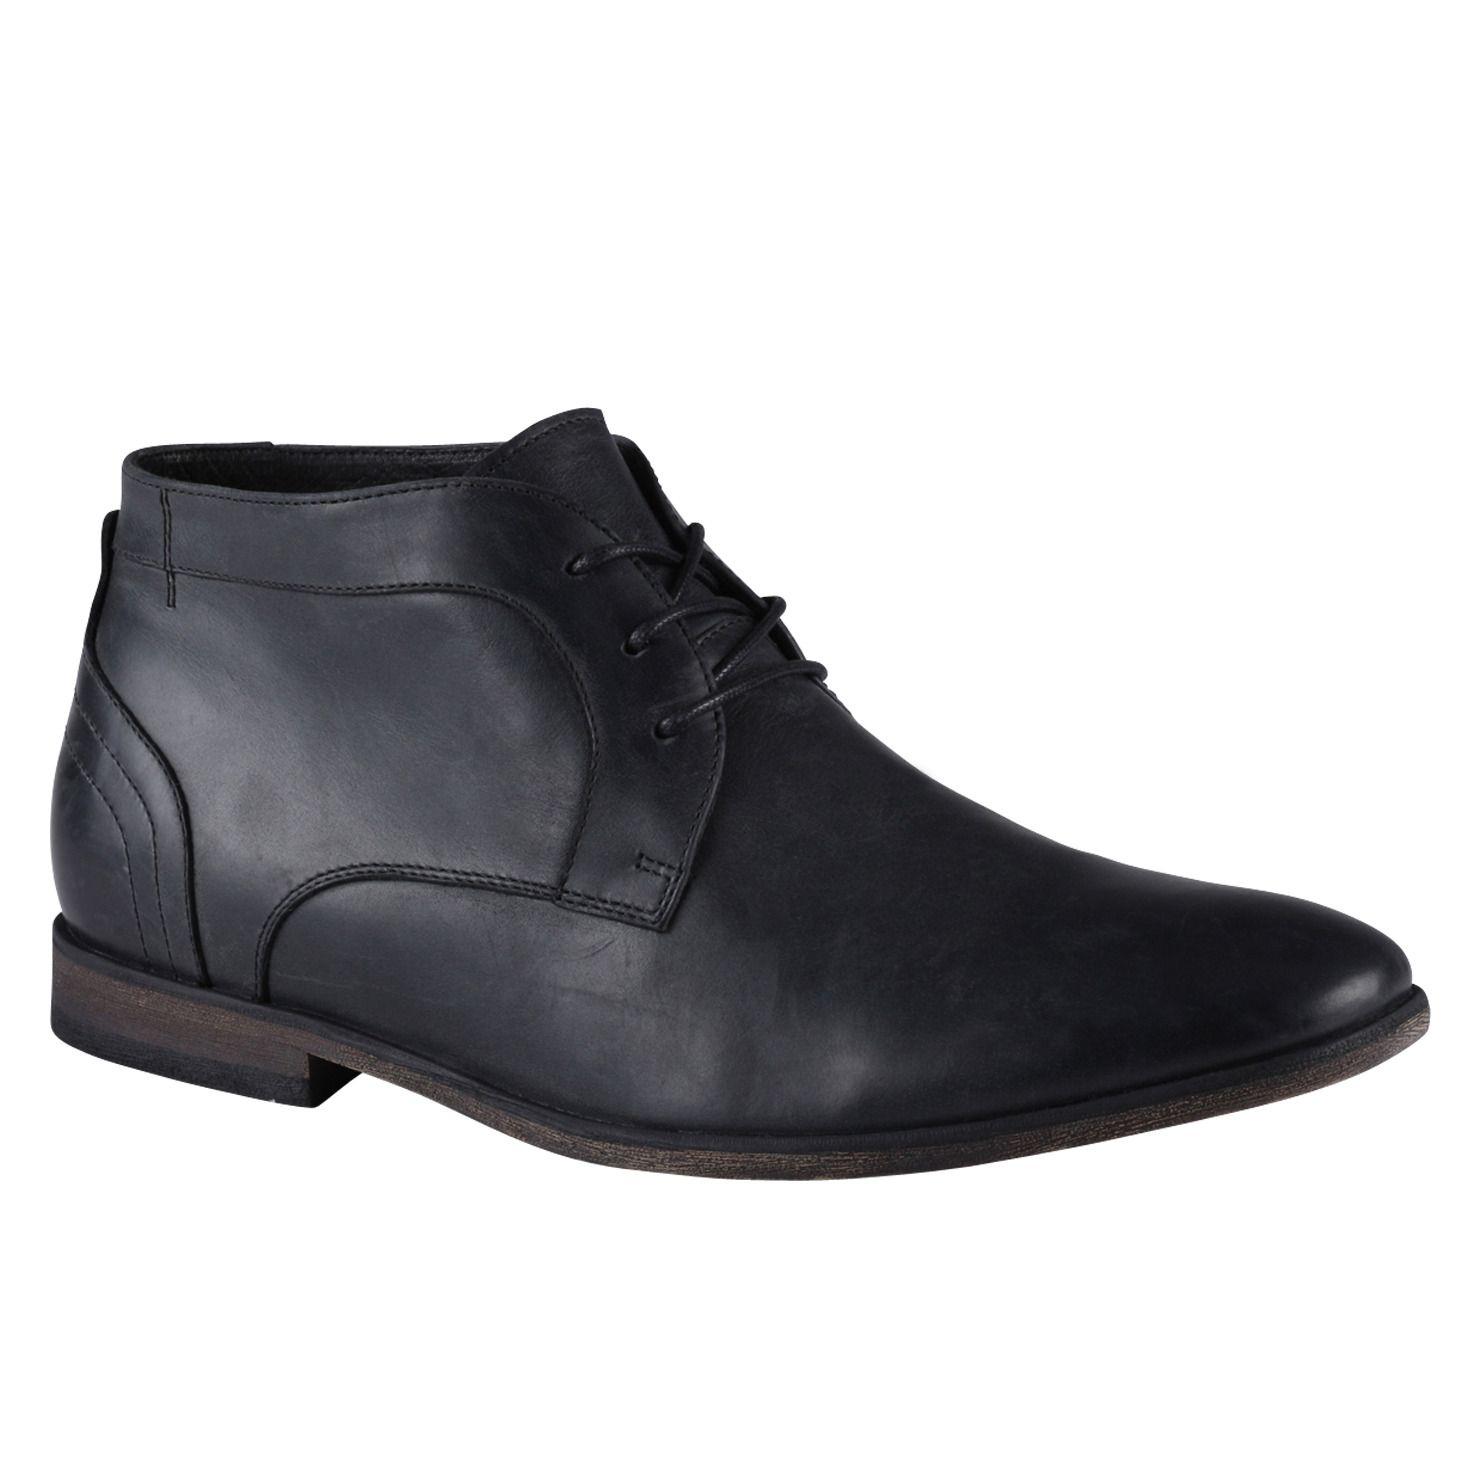 84f5ea5357e5 SAGRAGNI - men s casual lace-ups shoes for sale at ALDO Shoes ...